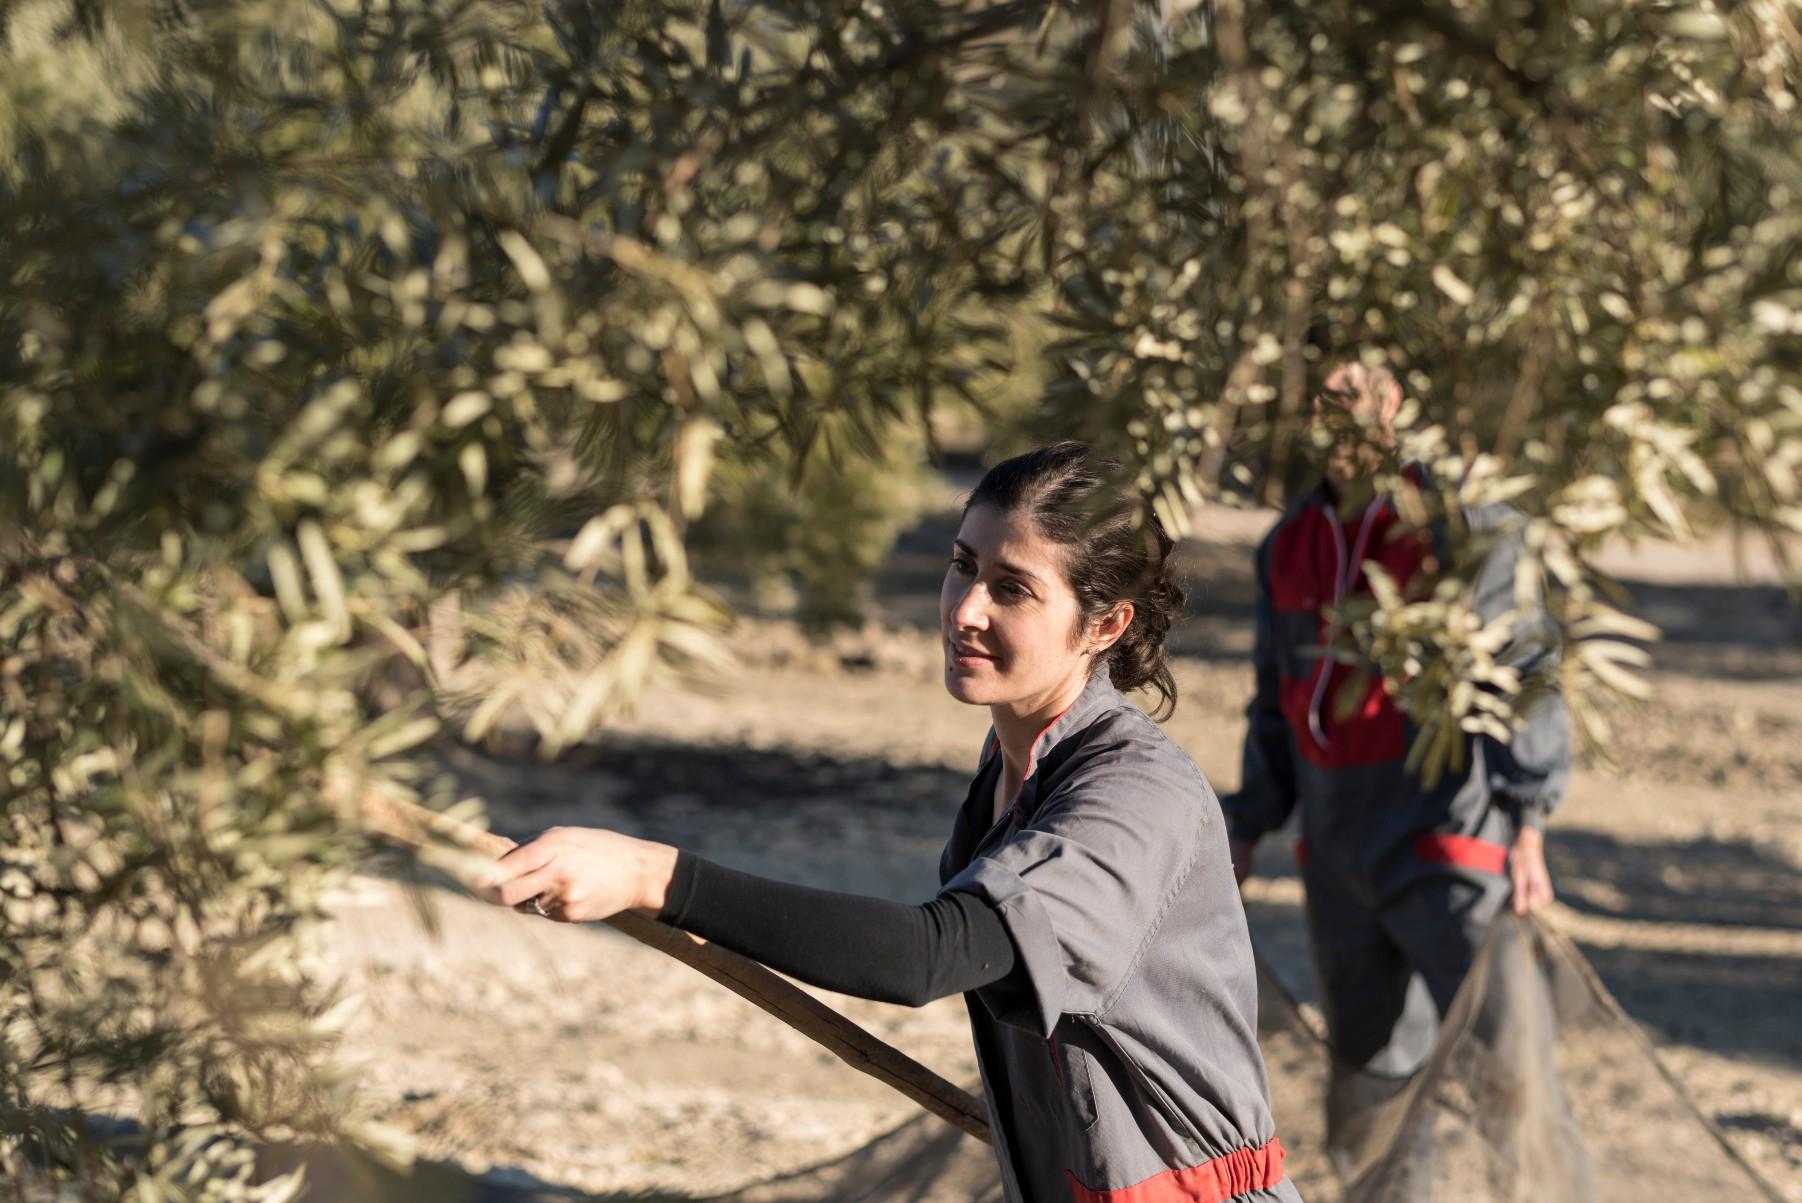 woman season worker harvests olives in Spain